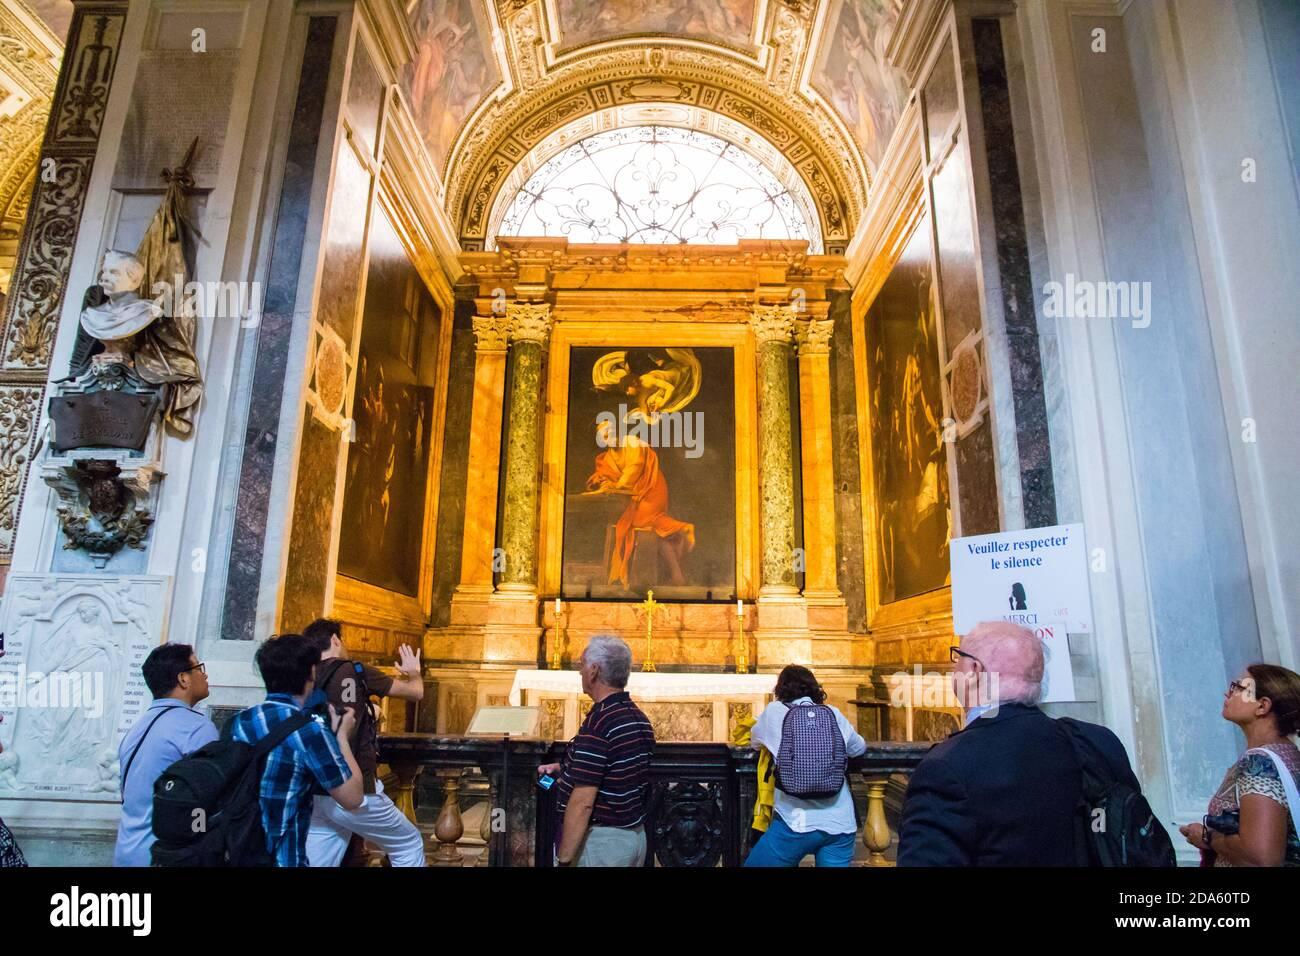 Touristen bewundern Caravaggio Malerei die Inspiration des heiligen Matthäus hängen In der Kirche von Saint Louis der Franzosen in Rom Italien Stockfoto